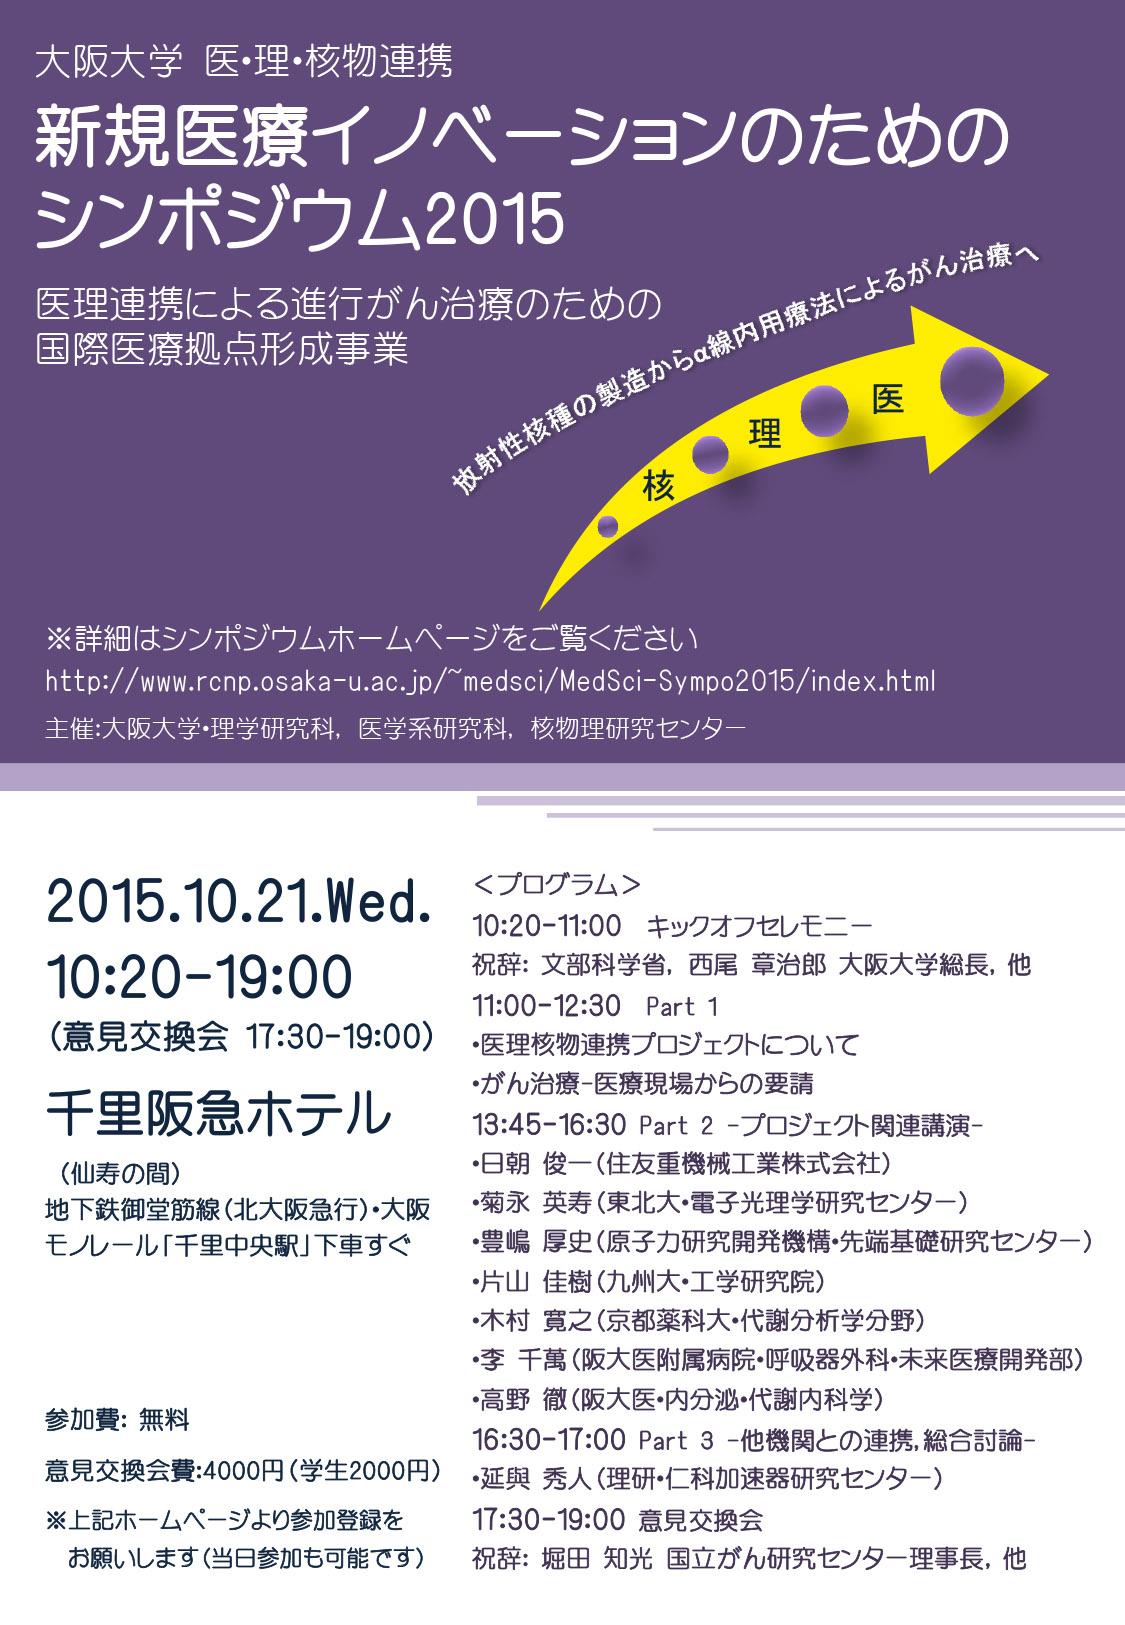 MedSciSympo2015_poster.jpg